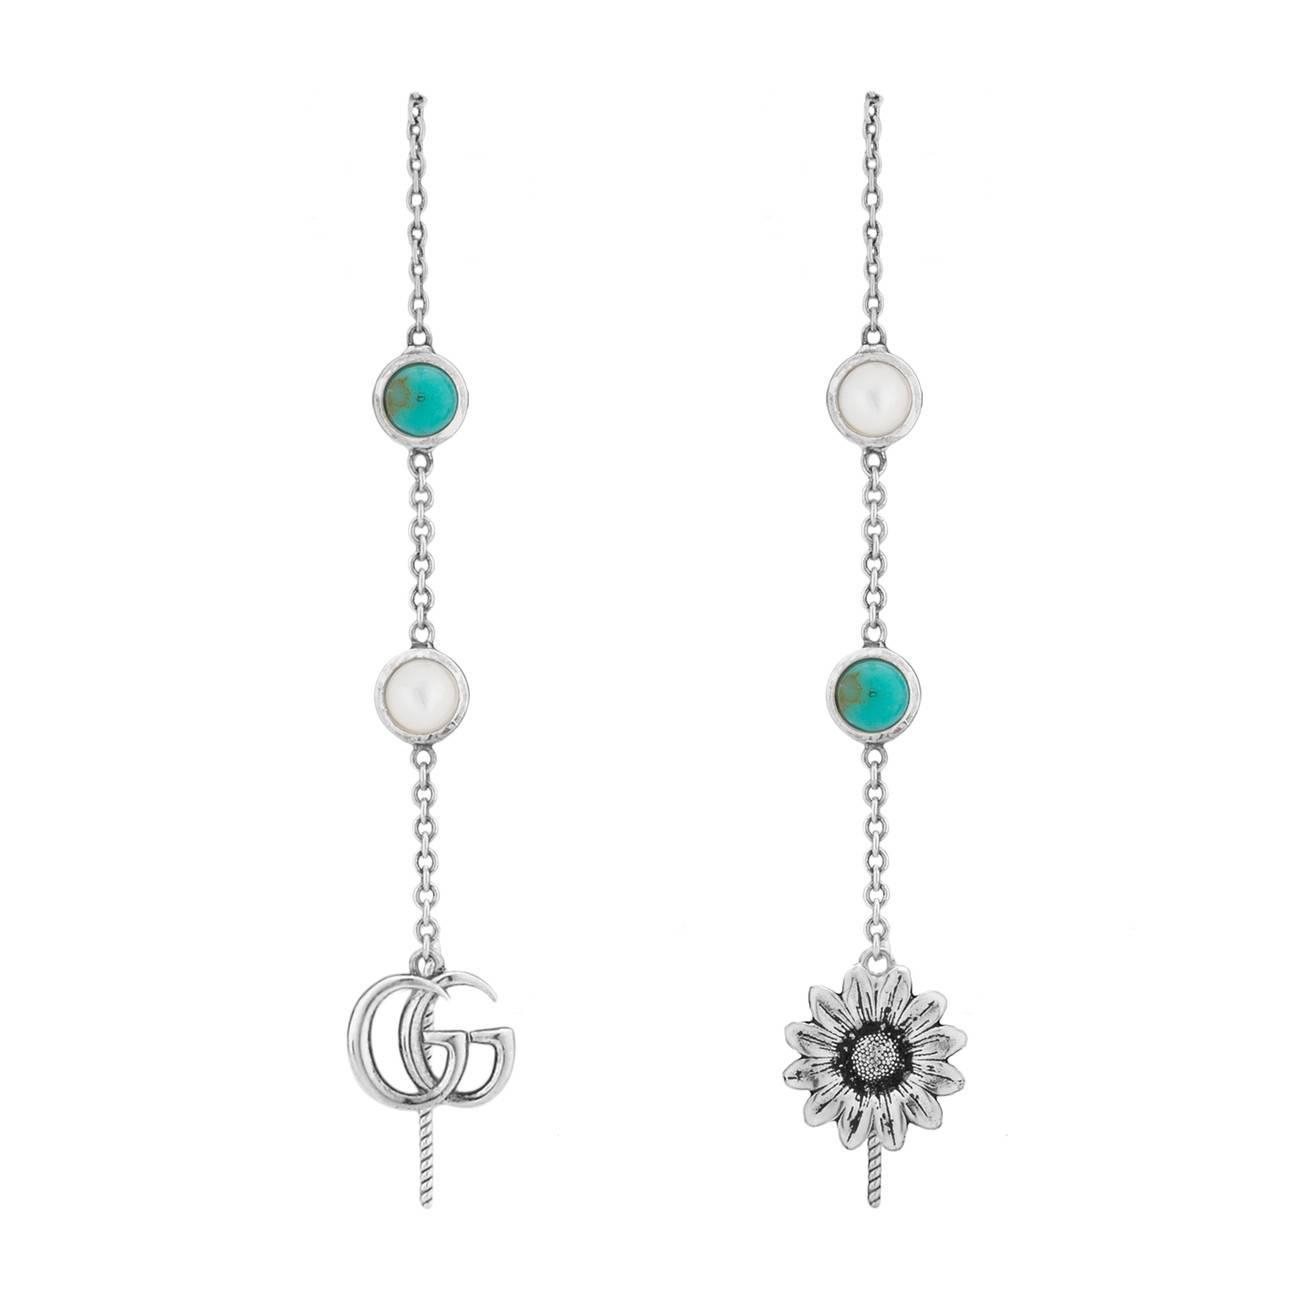 679d77439b6 Lyst - Gucci Double G Flower Drop Earrings